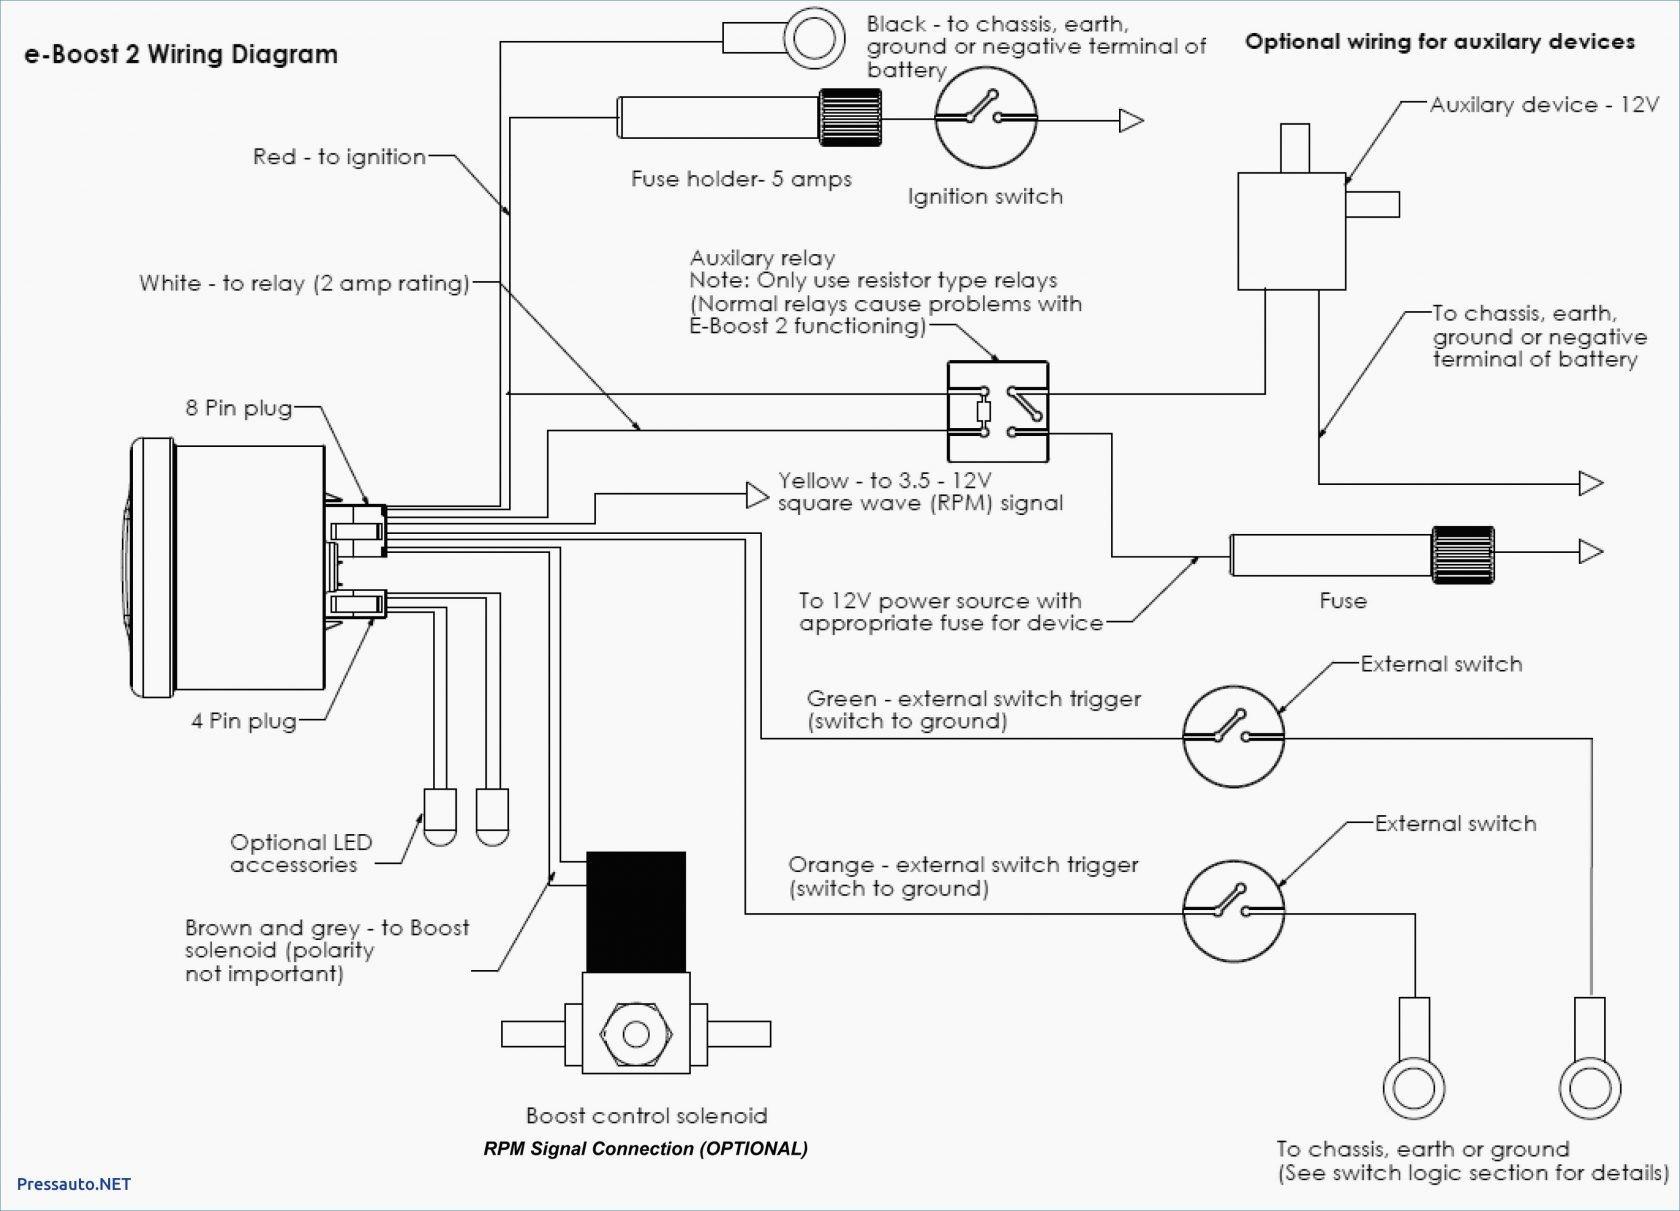 Paragon Timer Wiring Diagram Control Wiring Diagram Walk Get Free Image About Wiring Diagram Of Paragon Timer Wiring Diagram